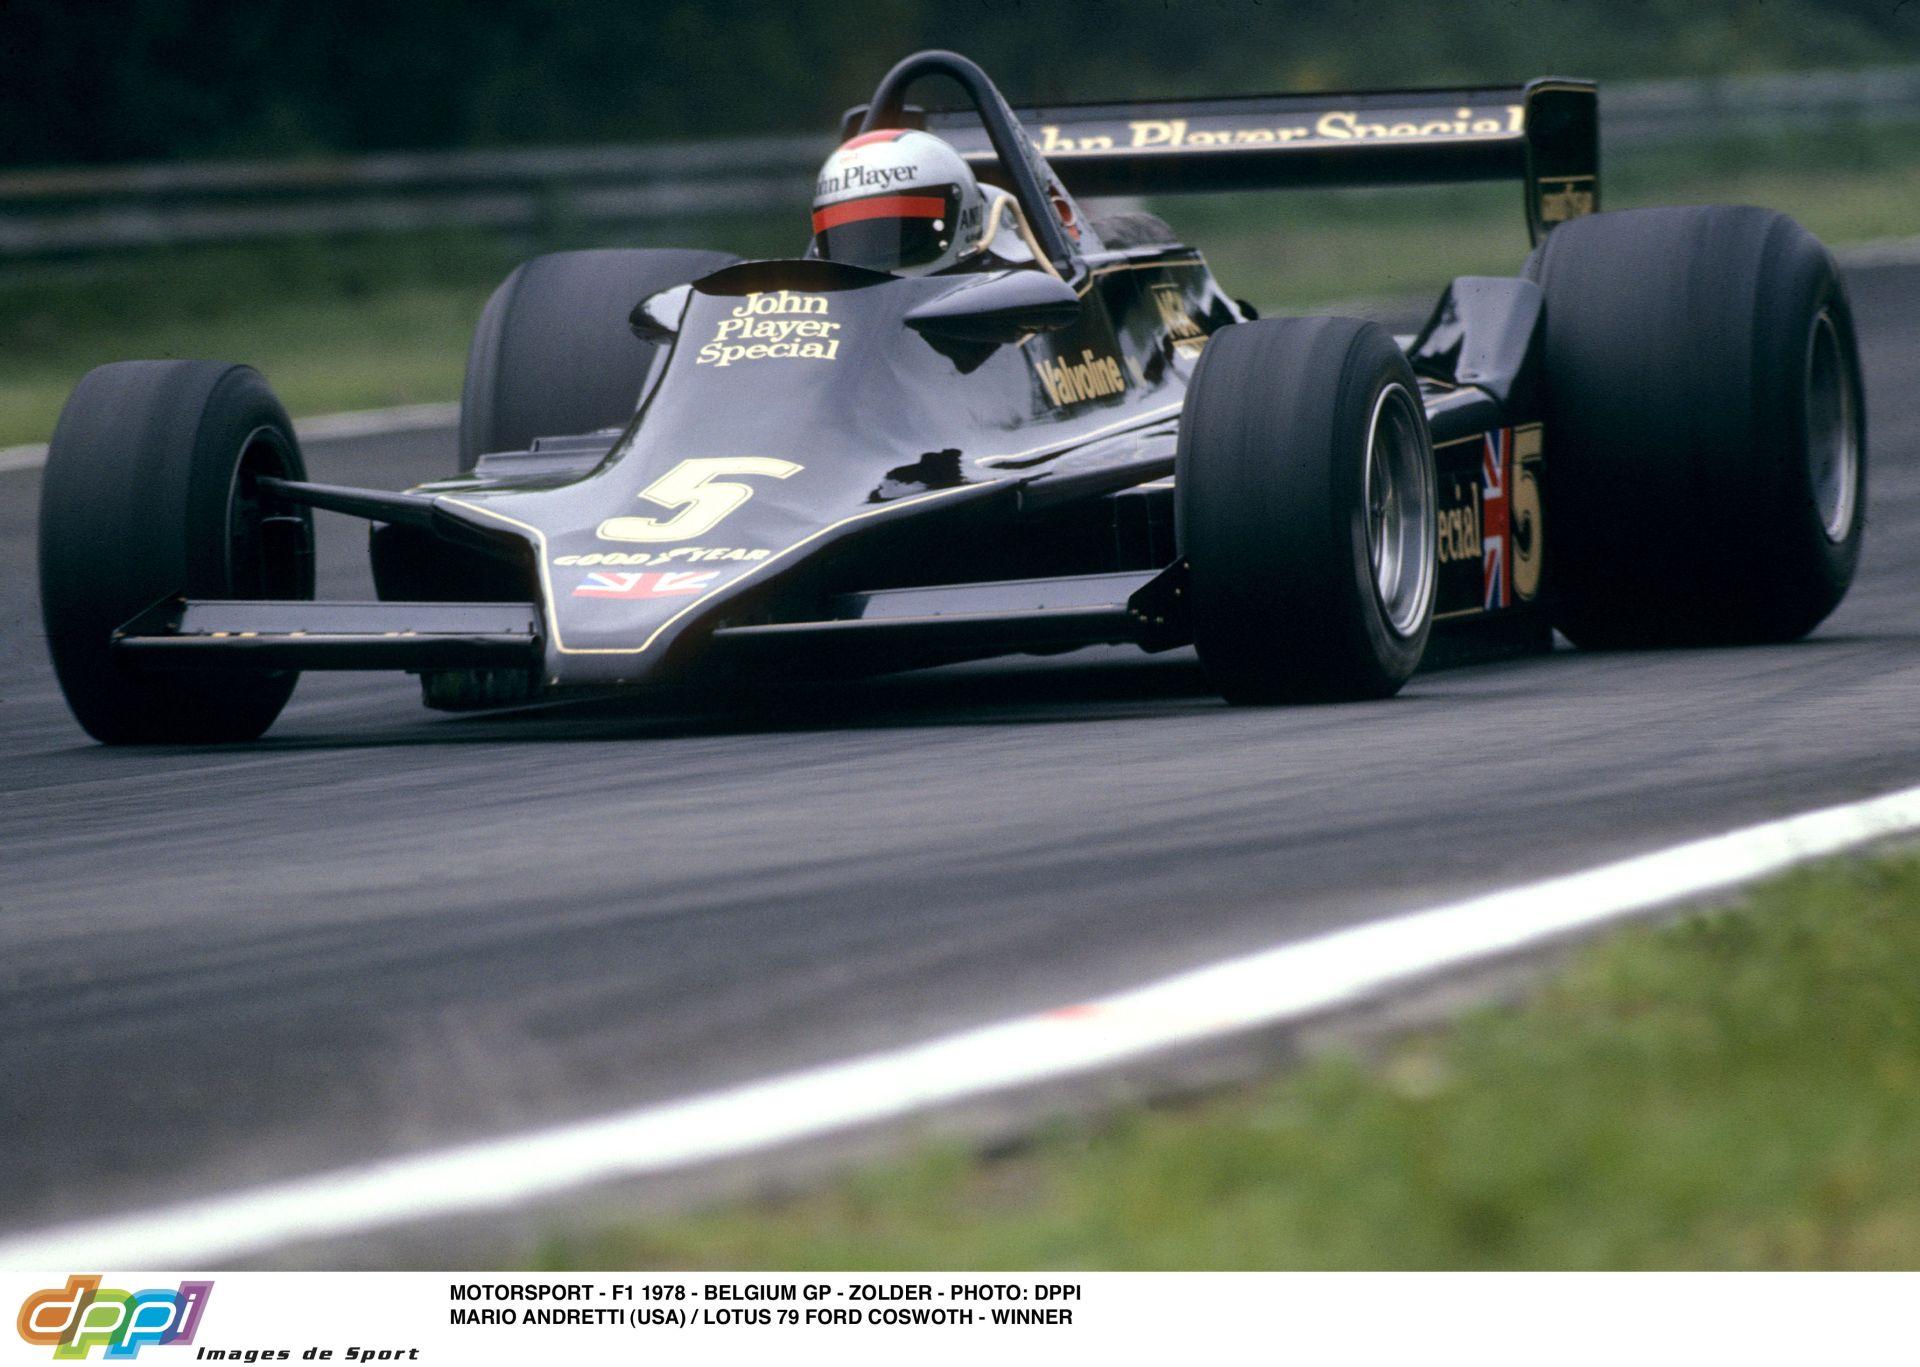 F1-es találmányok, amiket a Lotusnak köszönhetünk: megemlékezés a brit istállóról